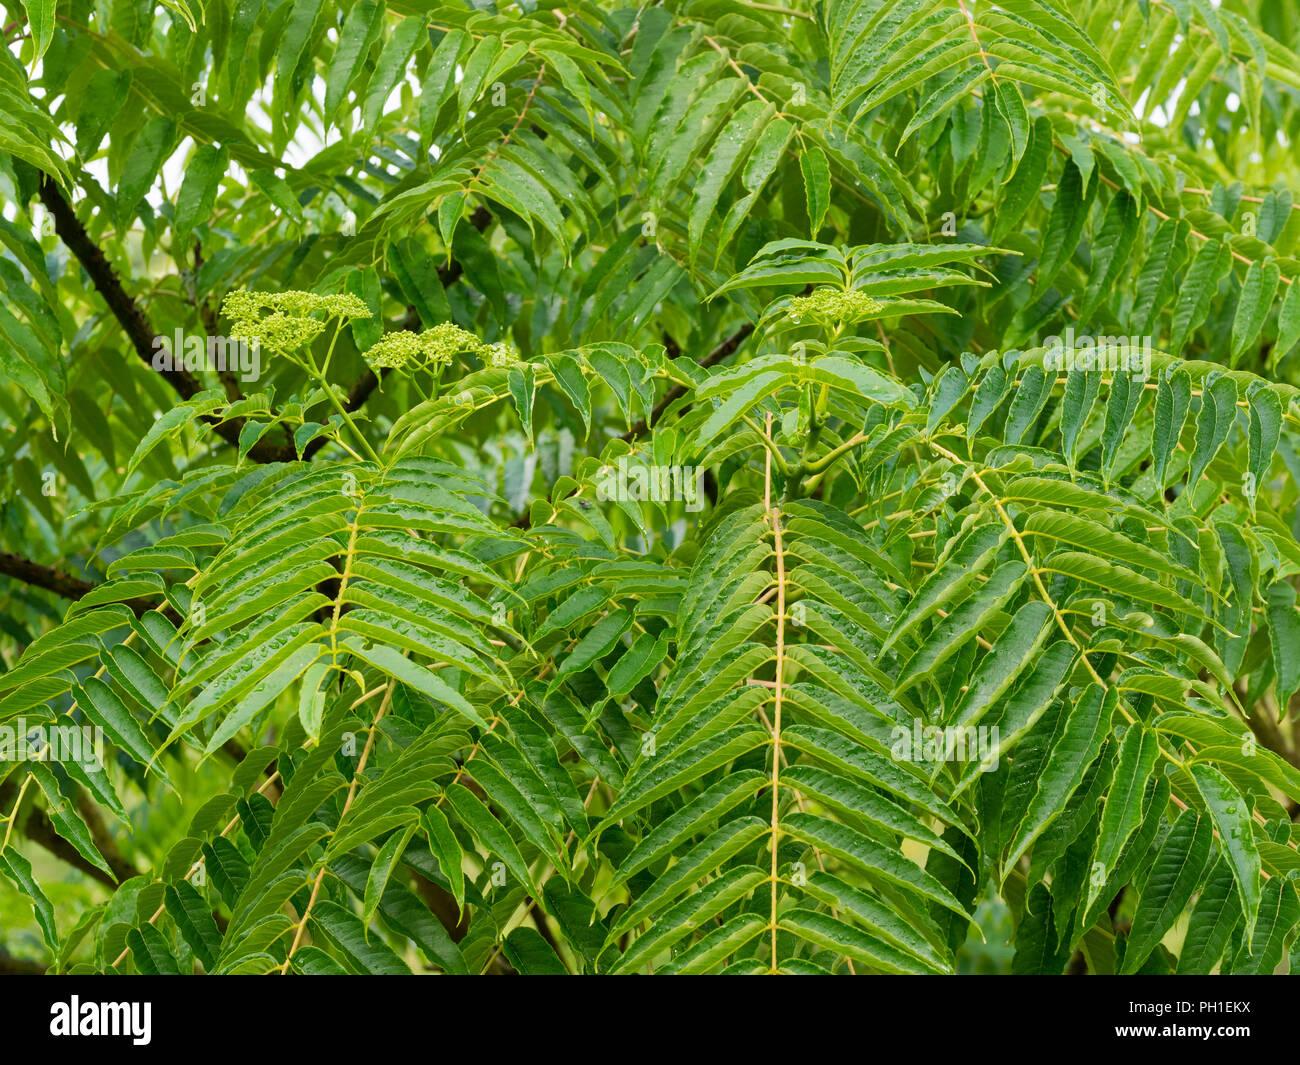 Gefiedert Laub und Spätsommer Blumen der Winterharte stachelige Esche Zanthoxylum ailanthoides Stockbild